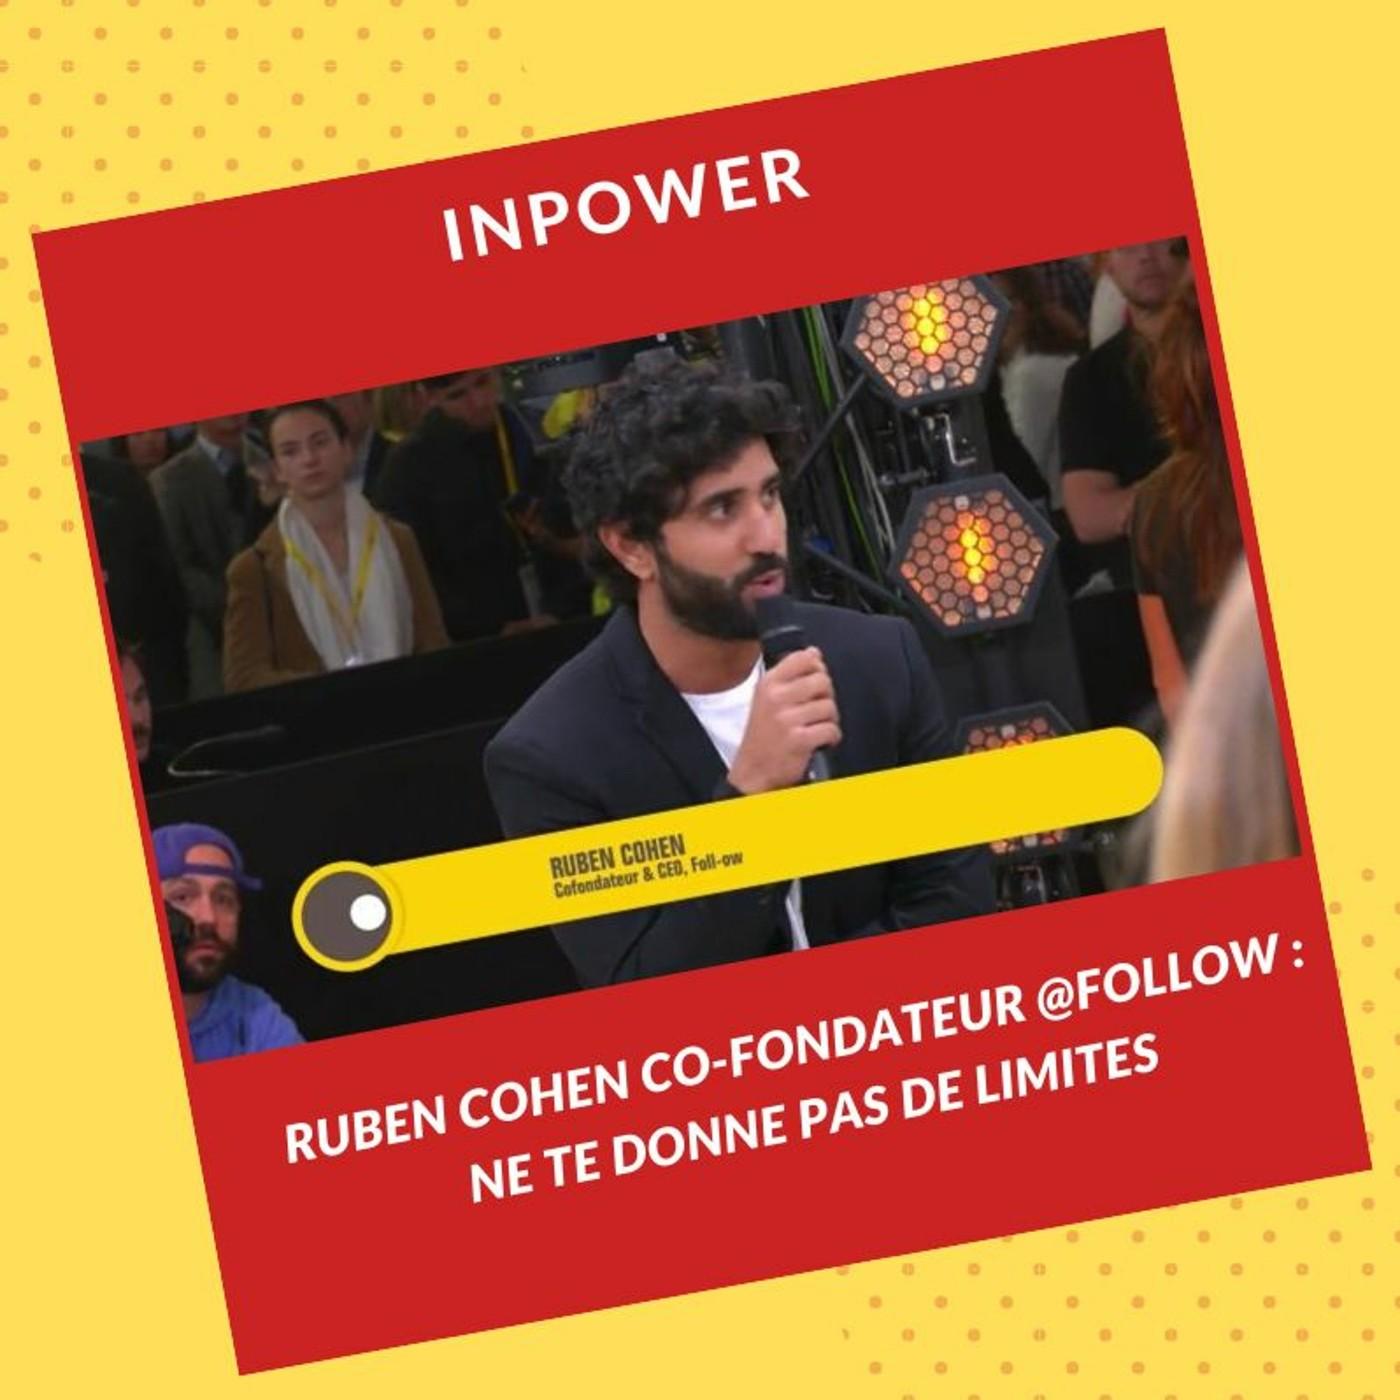 Ruben Cohen, Co-Fondateur @Follow : Ne te donne pas de limites